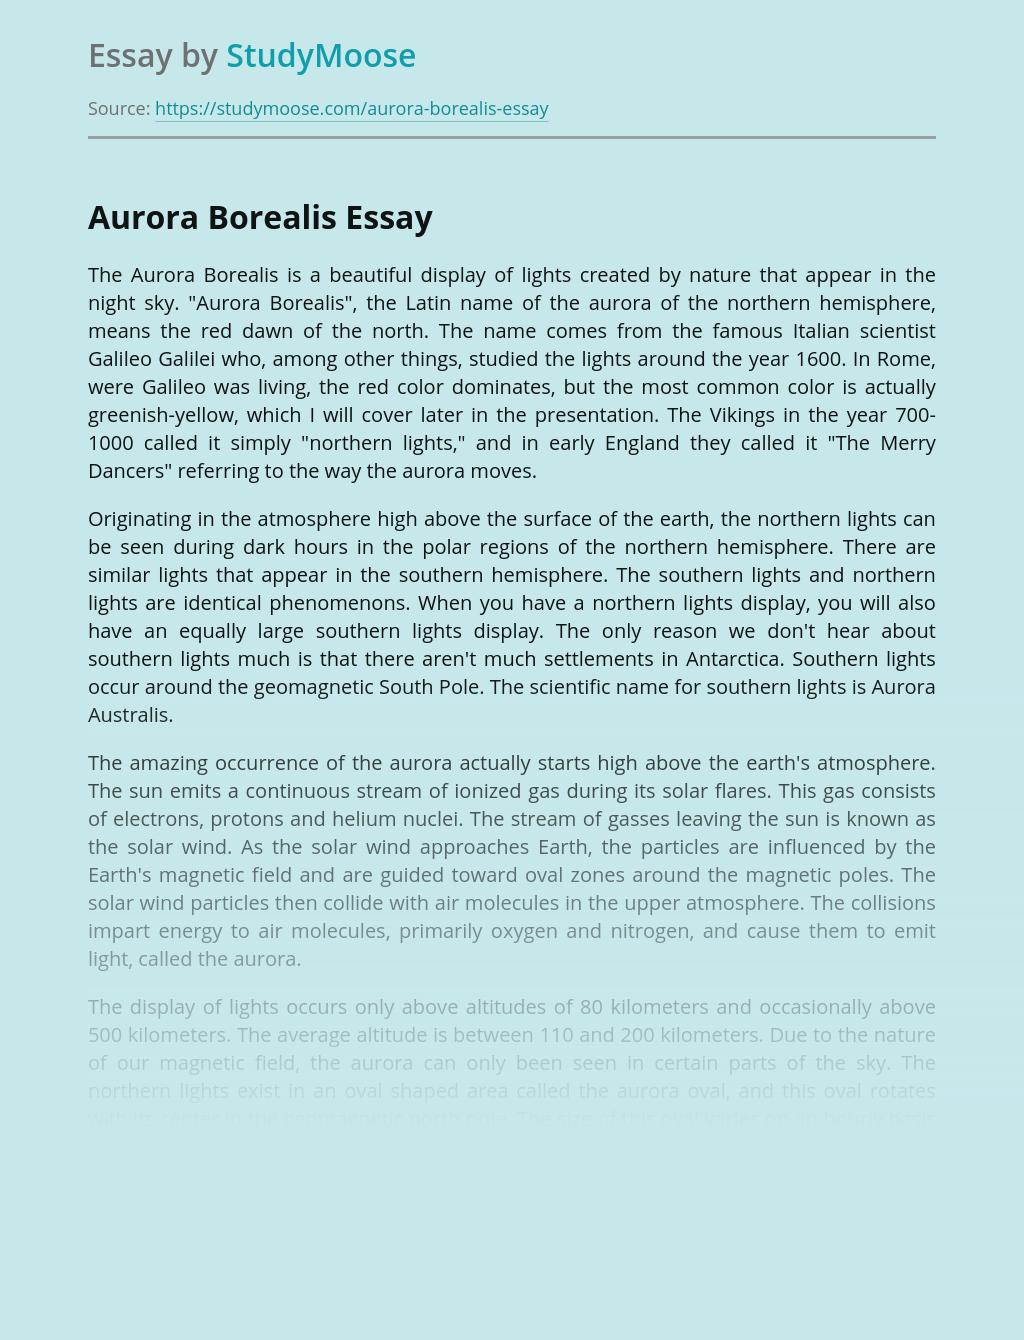 Aurora Borealis in the Upper Atmosphere